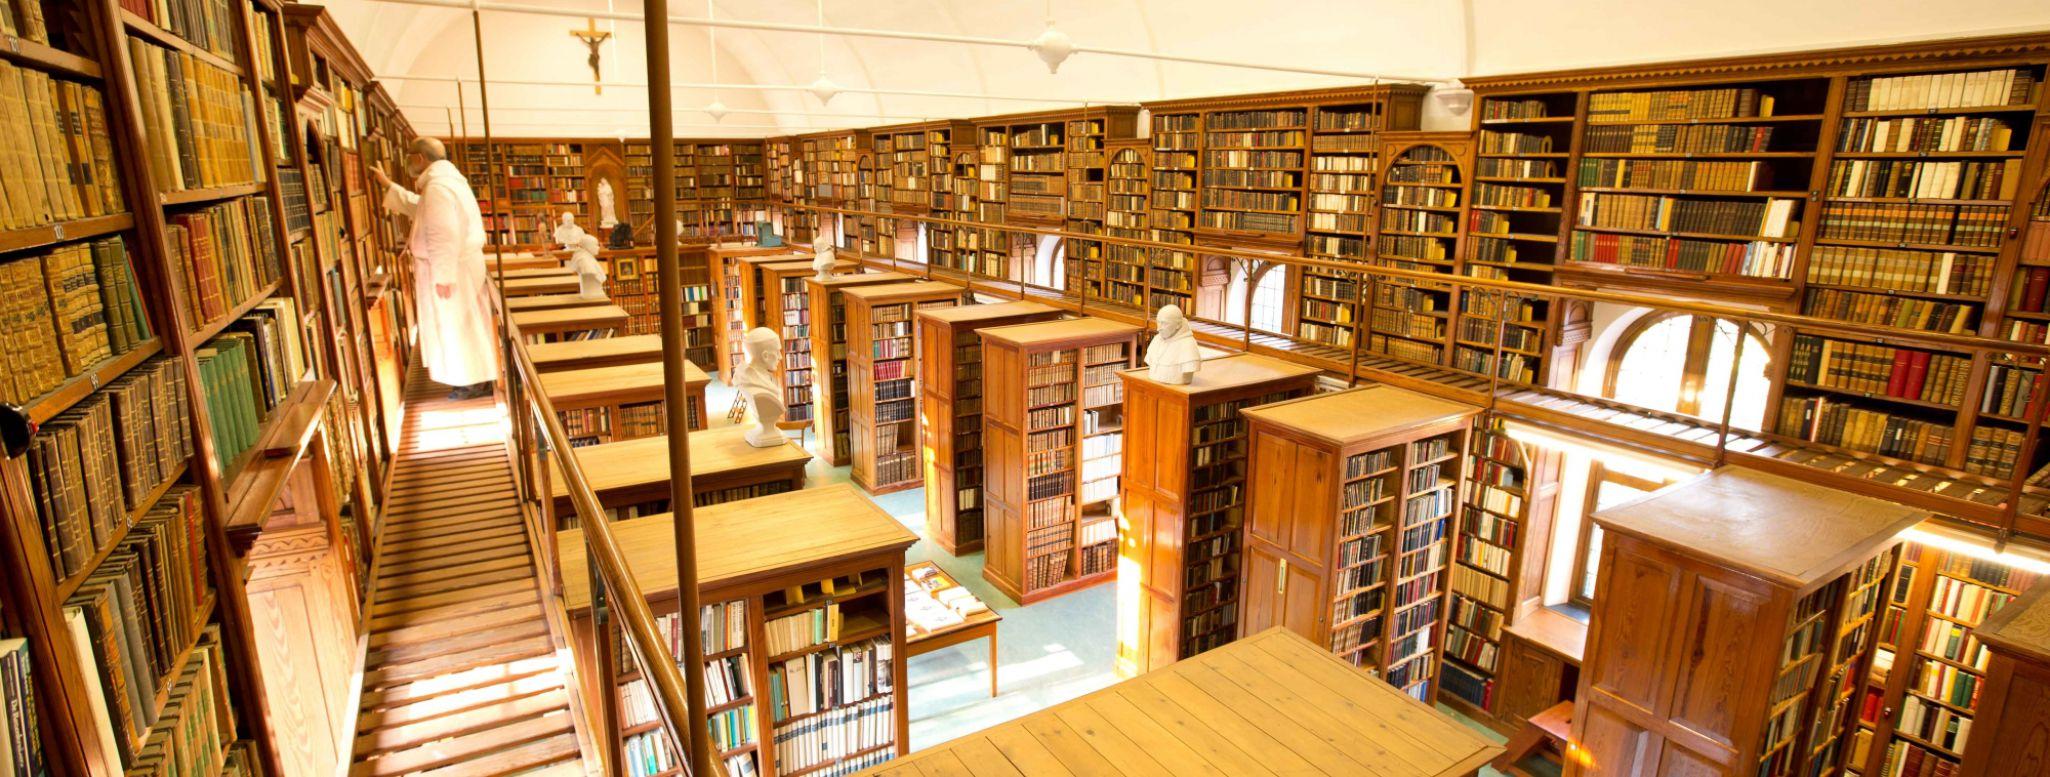 Un monaco sceglie un libro dalla biblioteca dell'abbazia di Westmalle